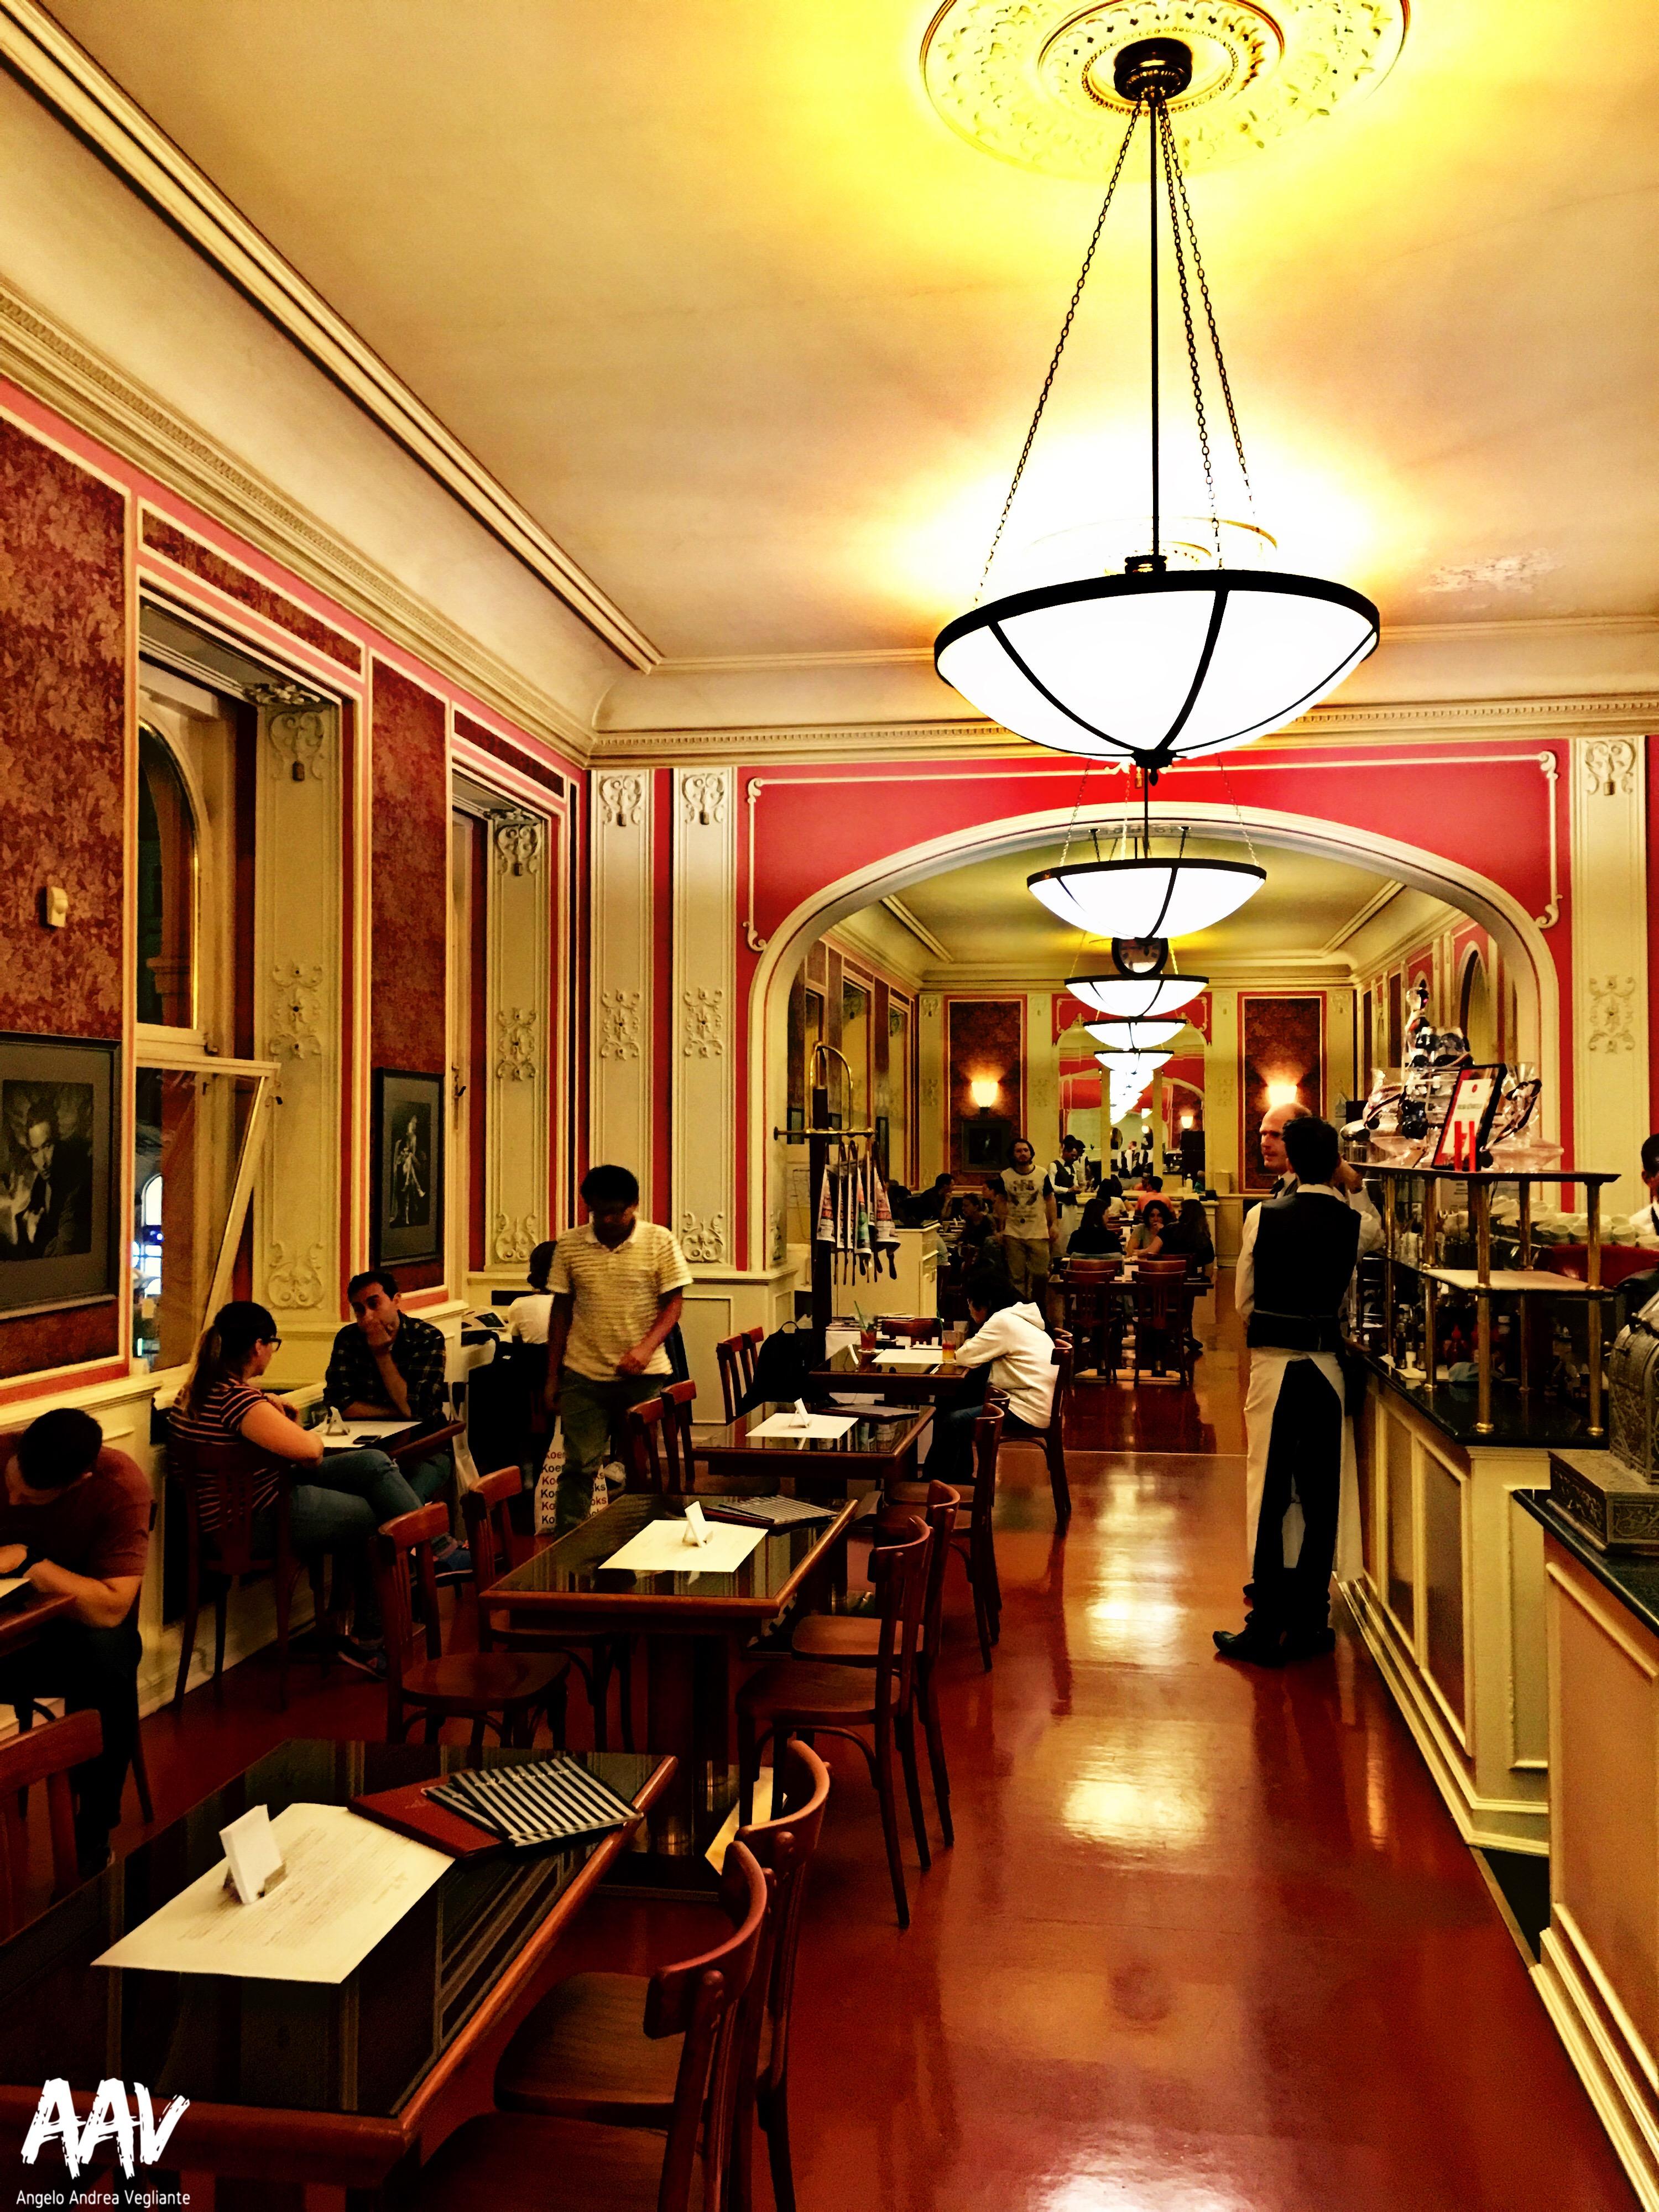 Café Louvre-Praga-Repubblica Ceca-Europa-Kafka-Einstein-Angelo Andrea Vegliante-Colui che veglia-viaggio